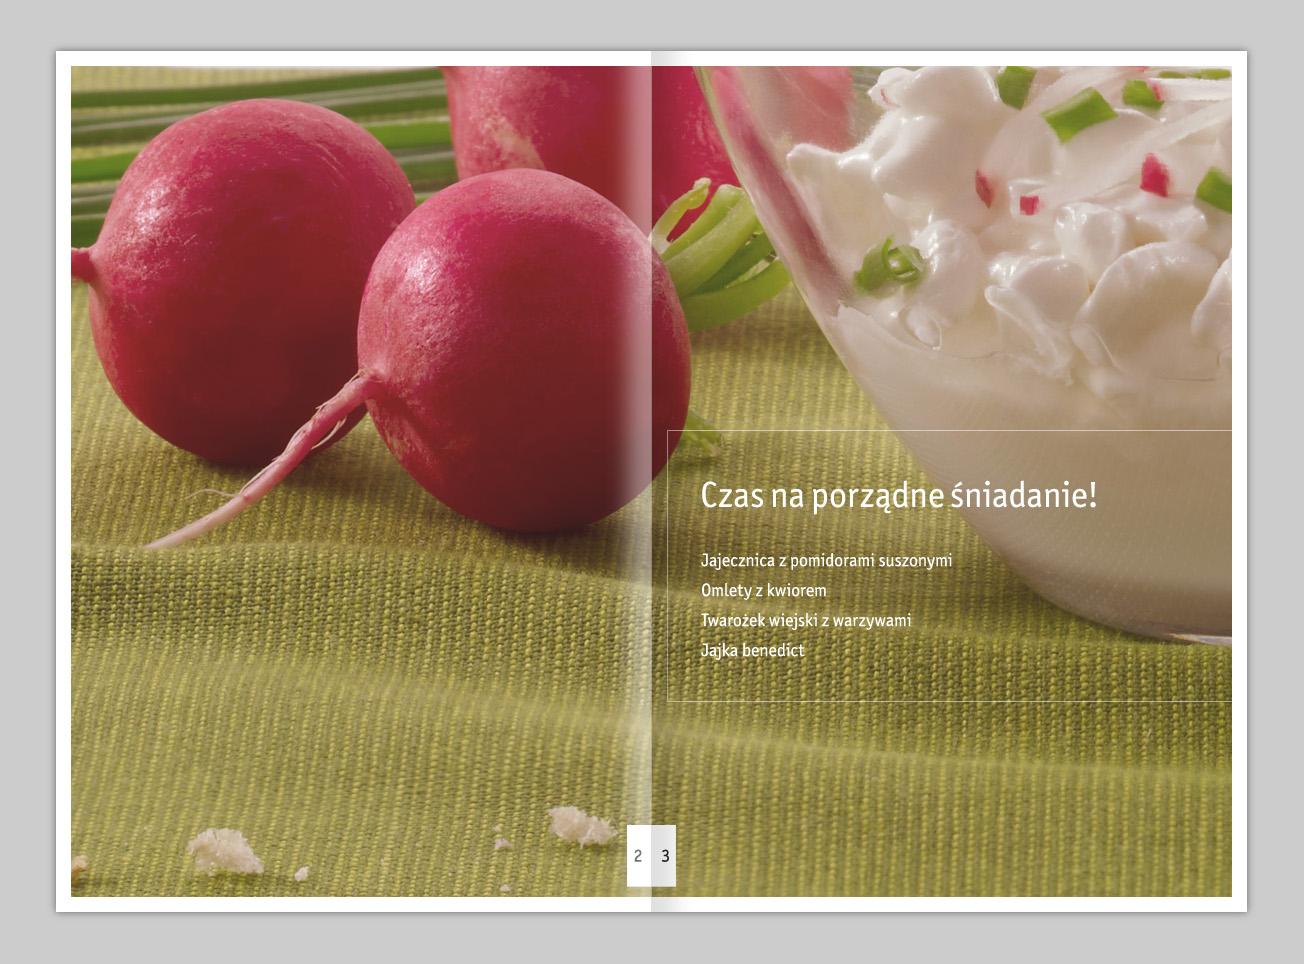 jmd-BIE-Book-L2-Breakfast-Contents